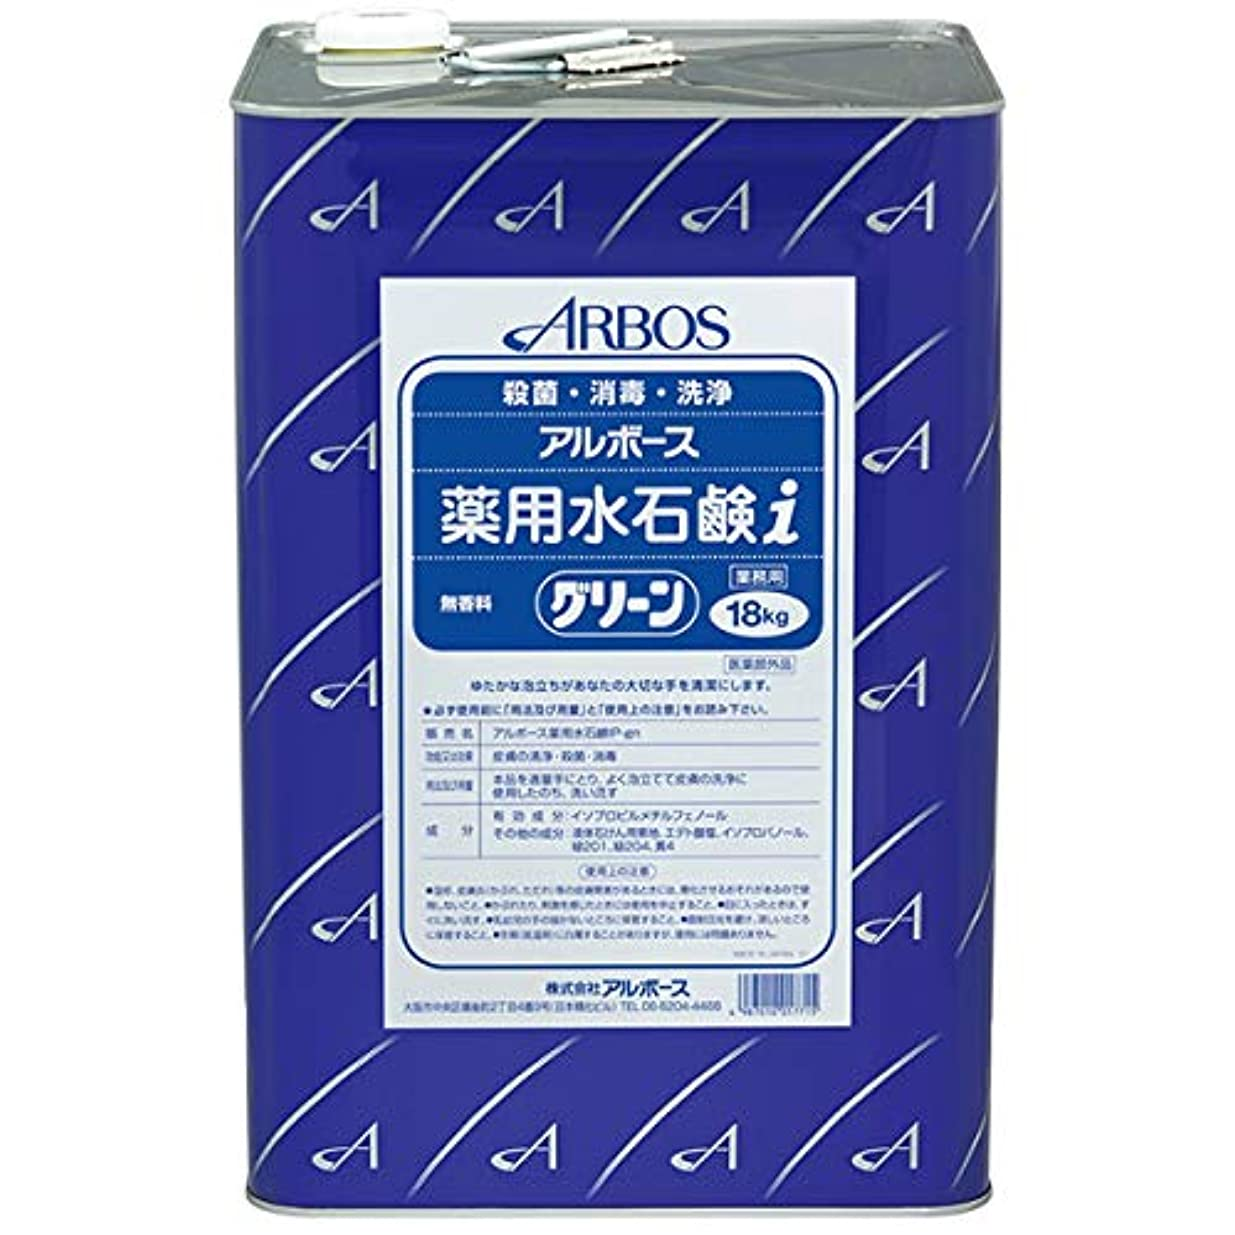 紳士気取りの、きざなの間でブランク【清潔キレイ館】アルボース薬用水石鹸グリーンi(18L)